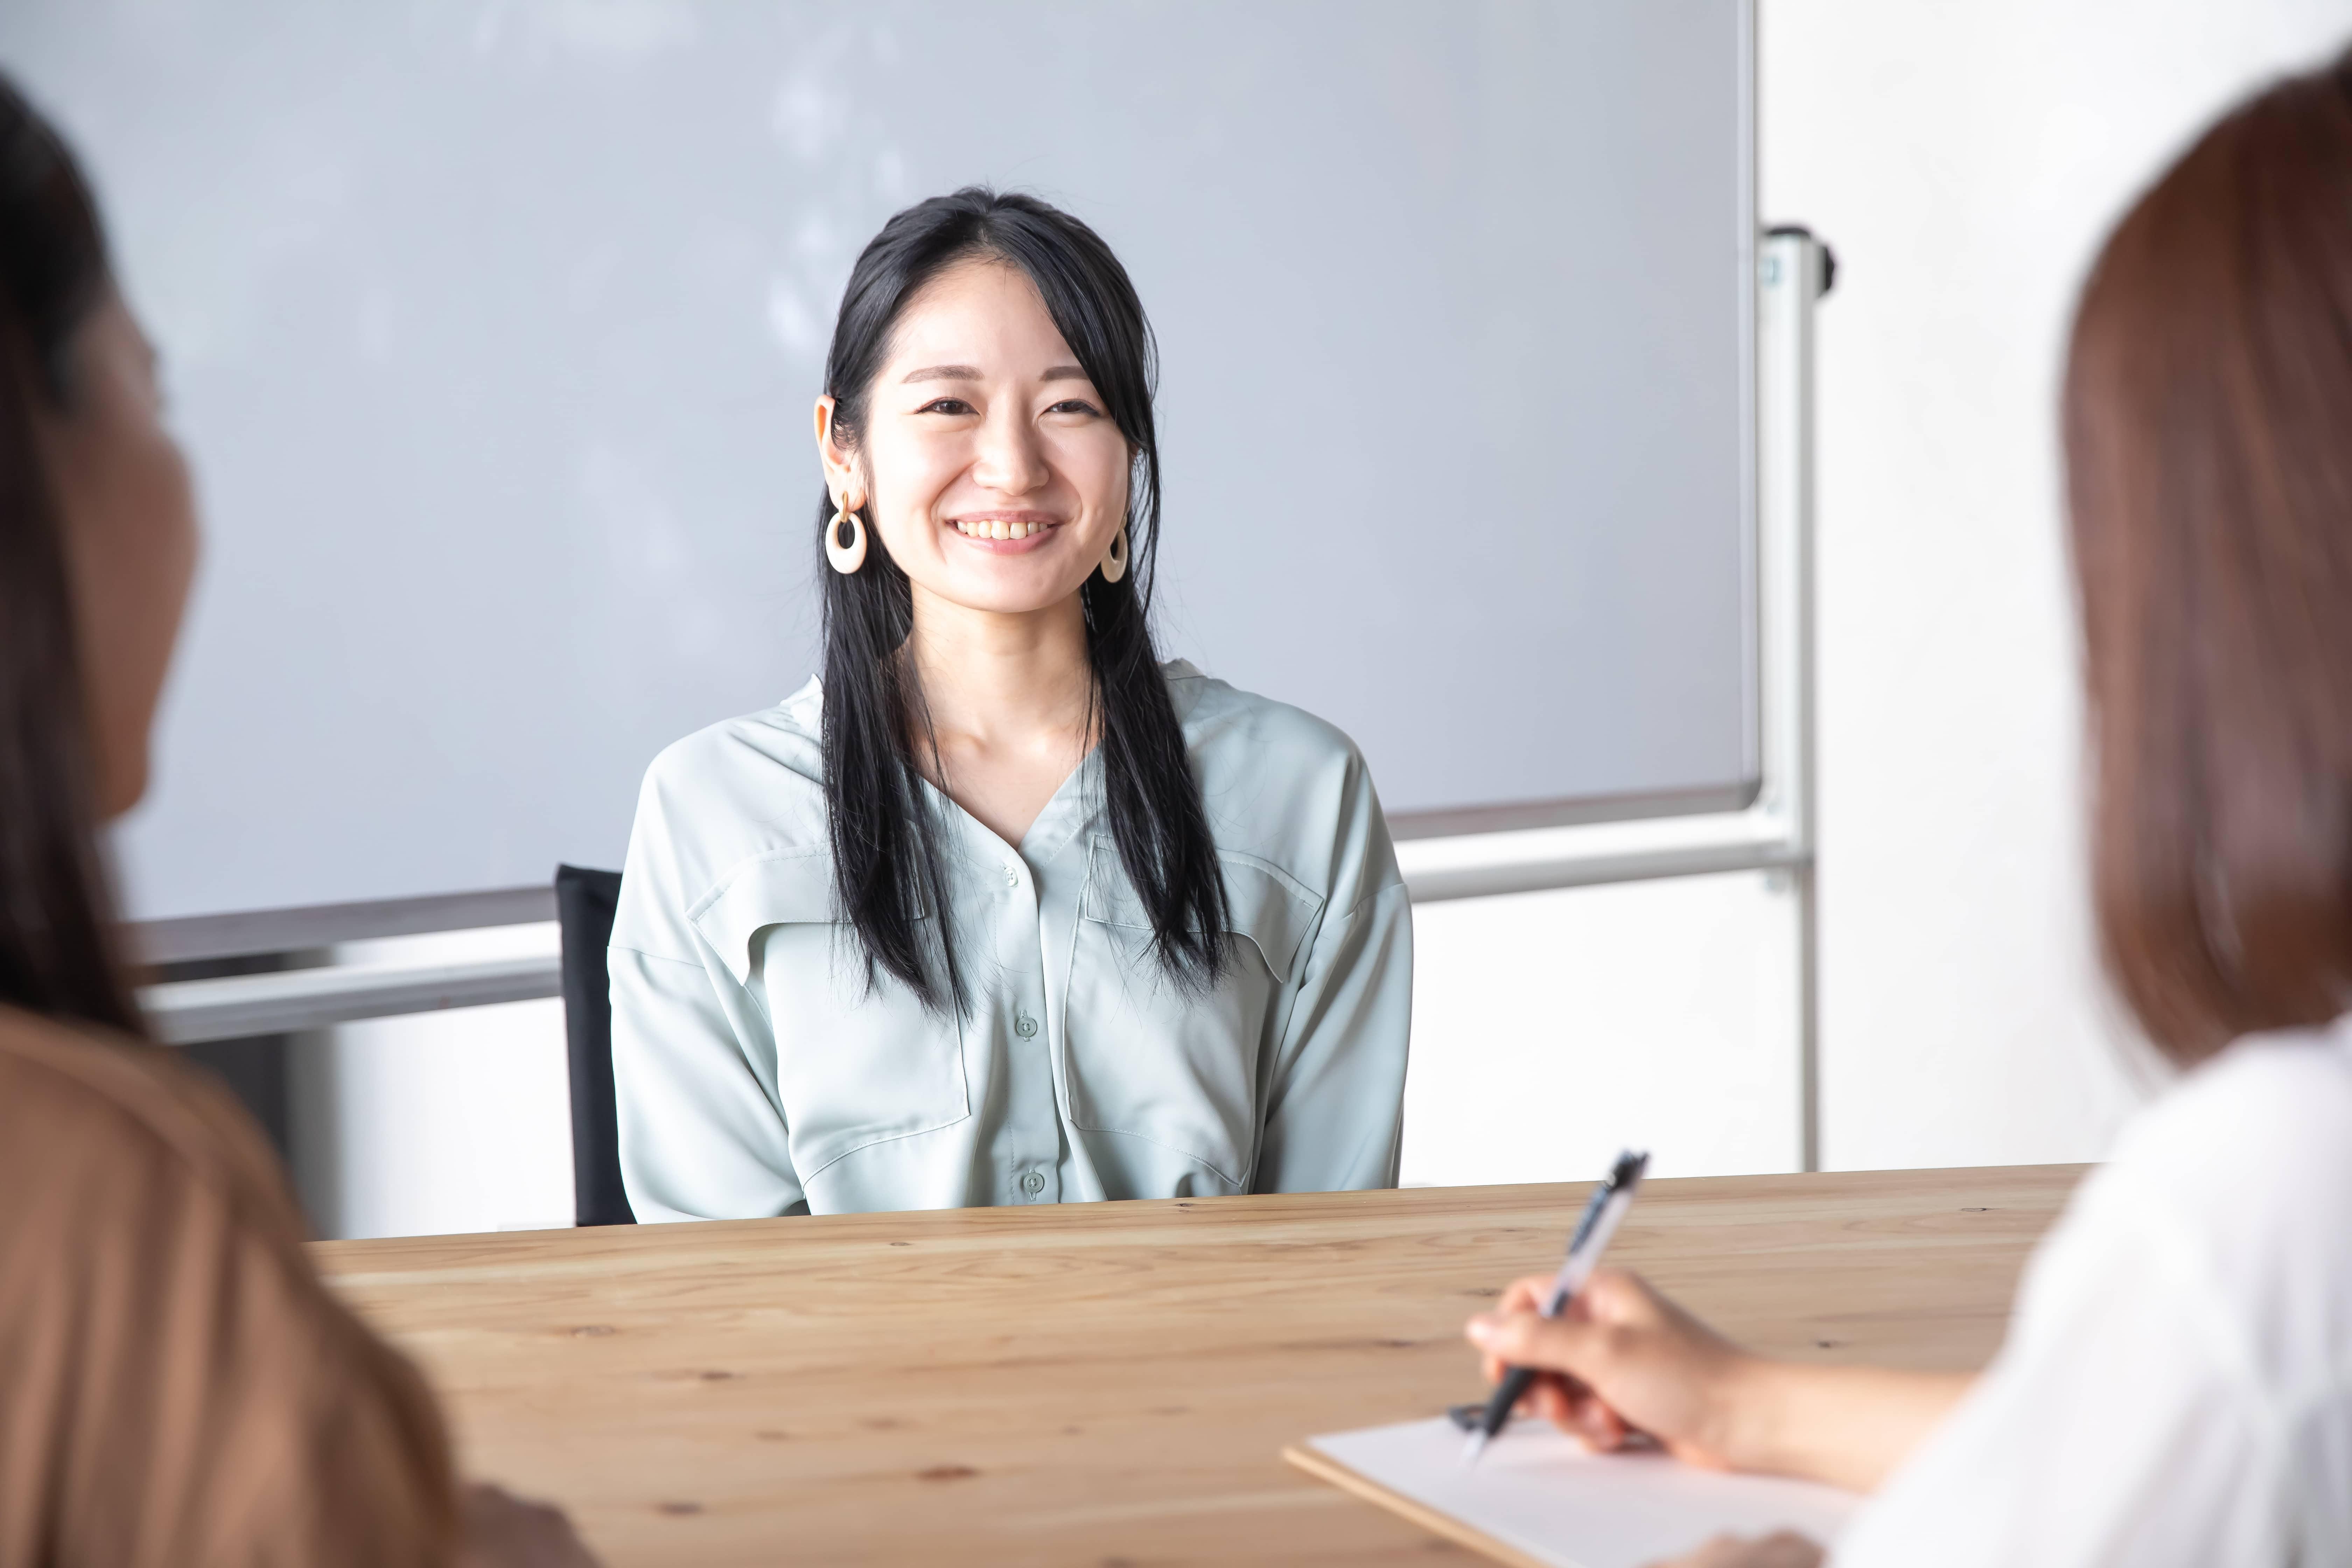 会議室の女性